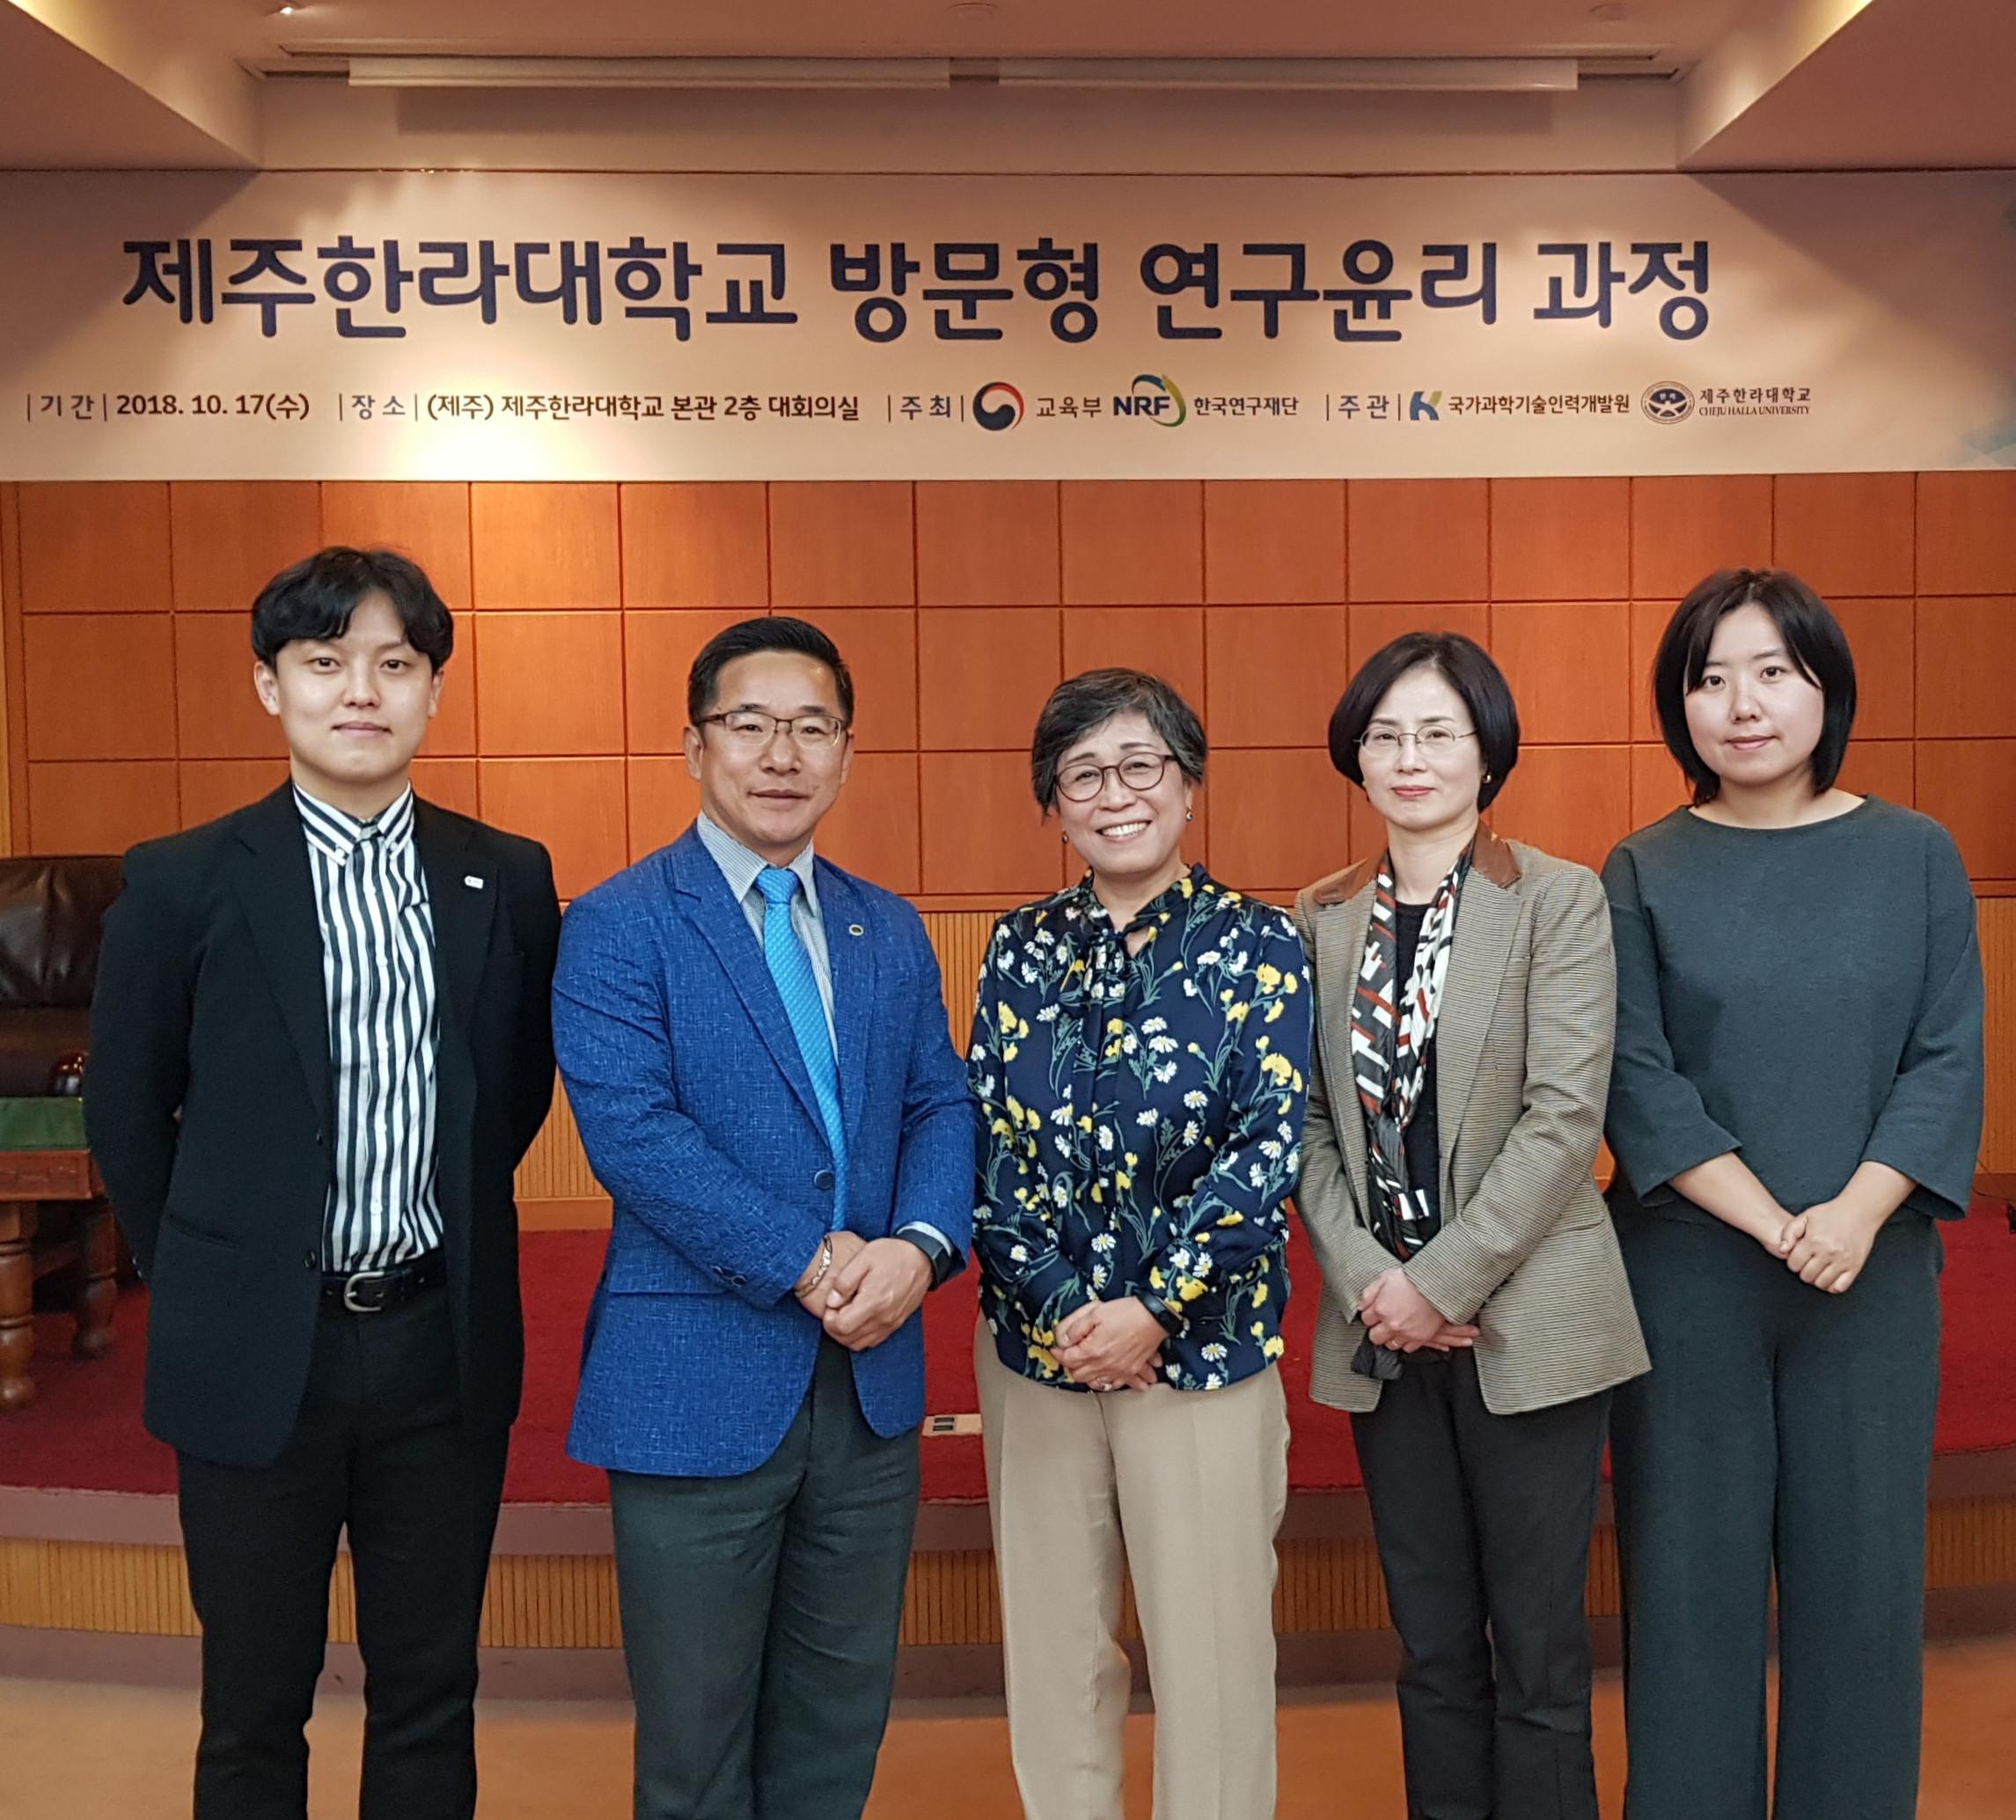 2018년 대학 방문형 연구윤리 교육 개최1